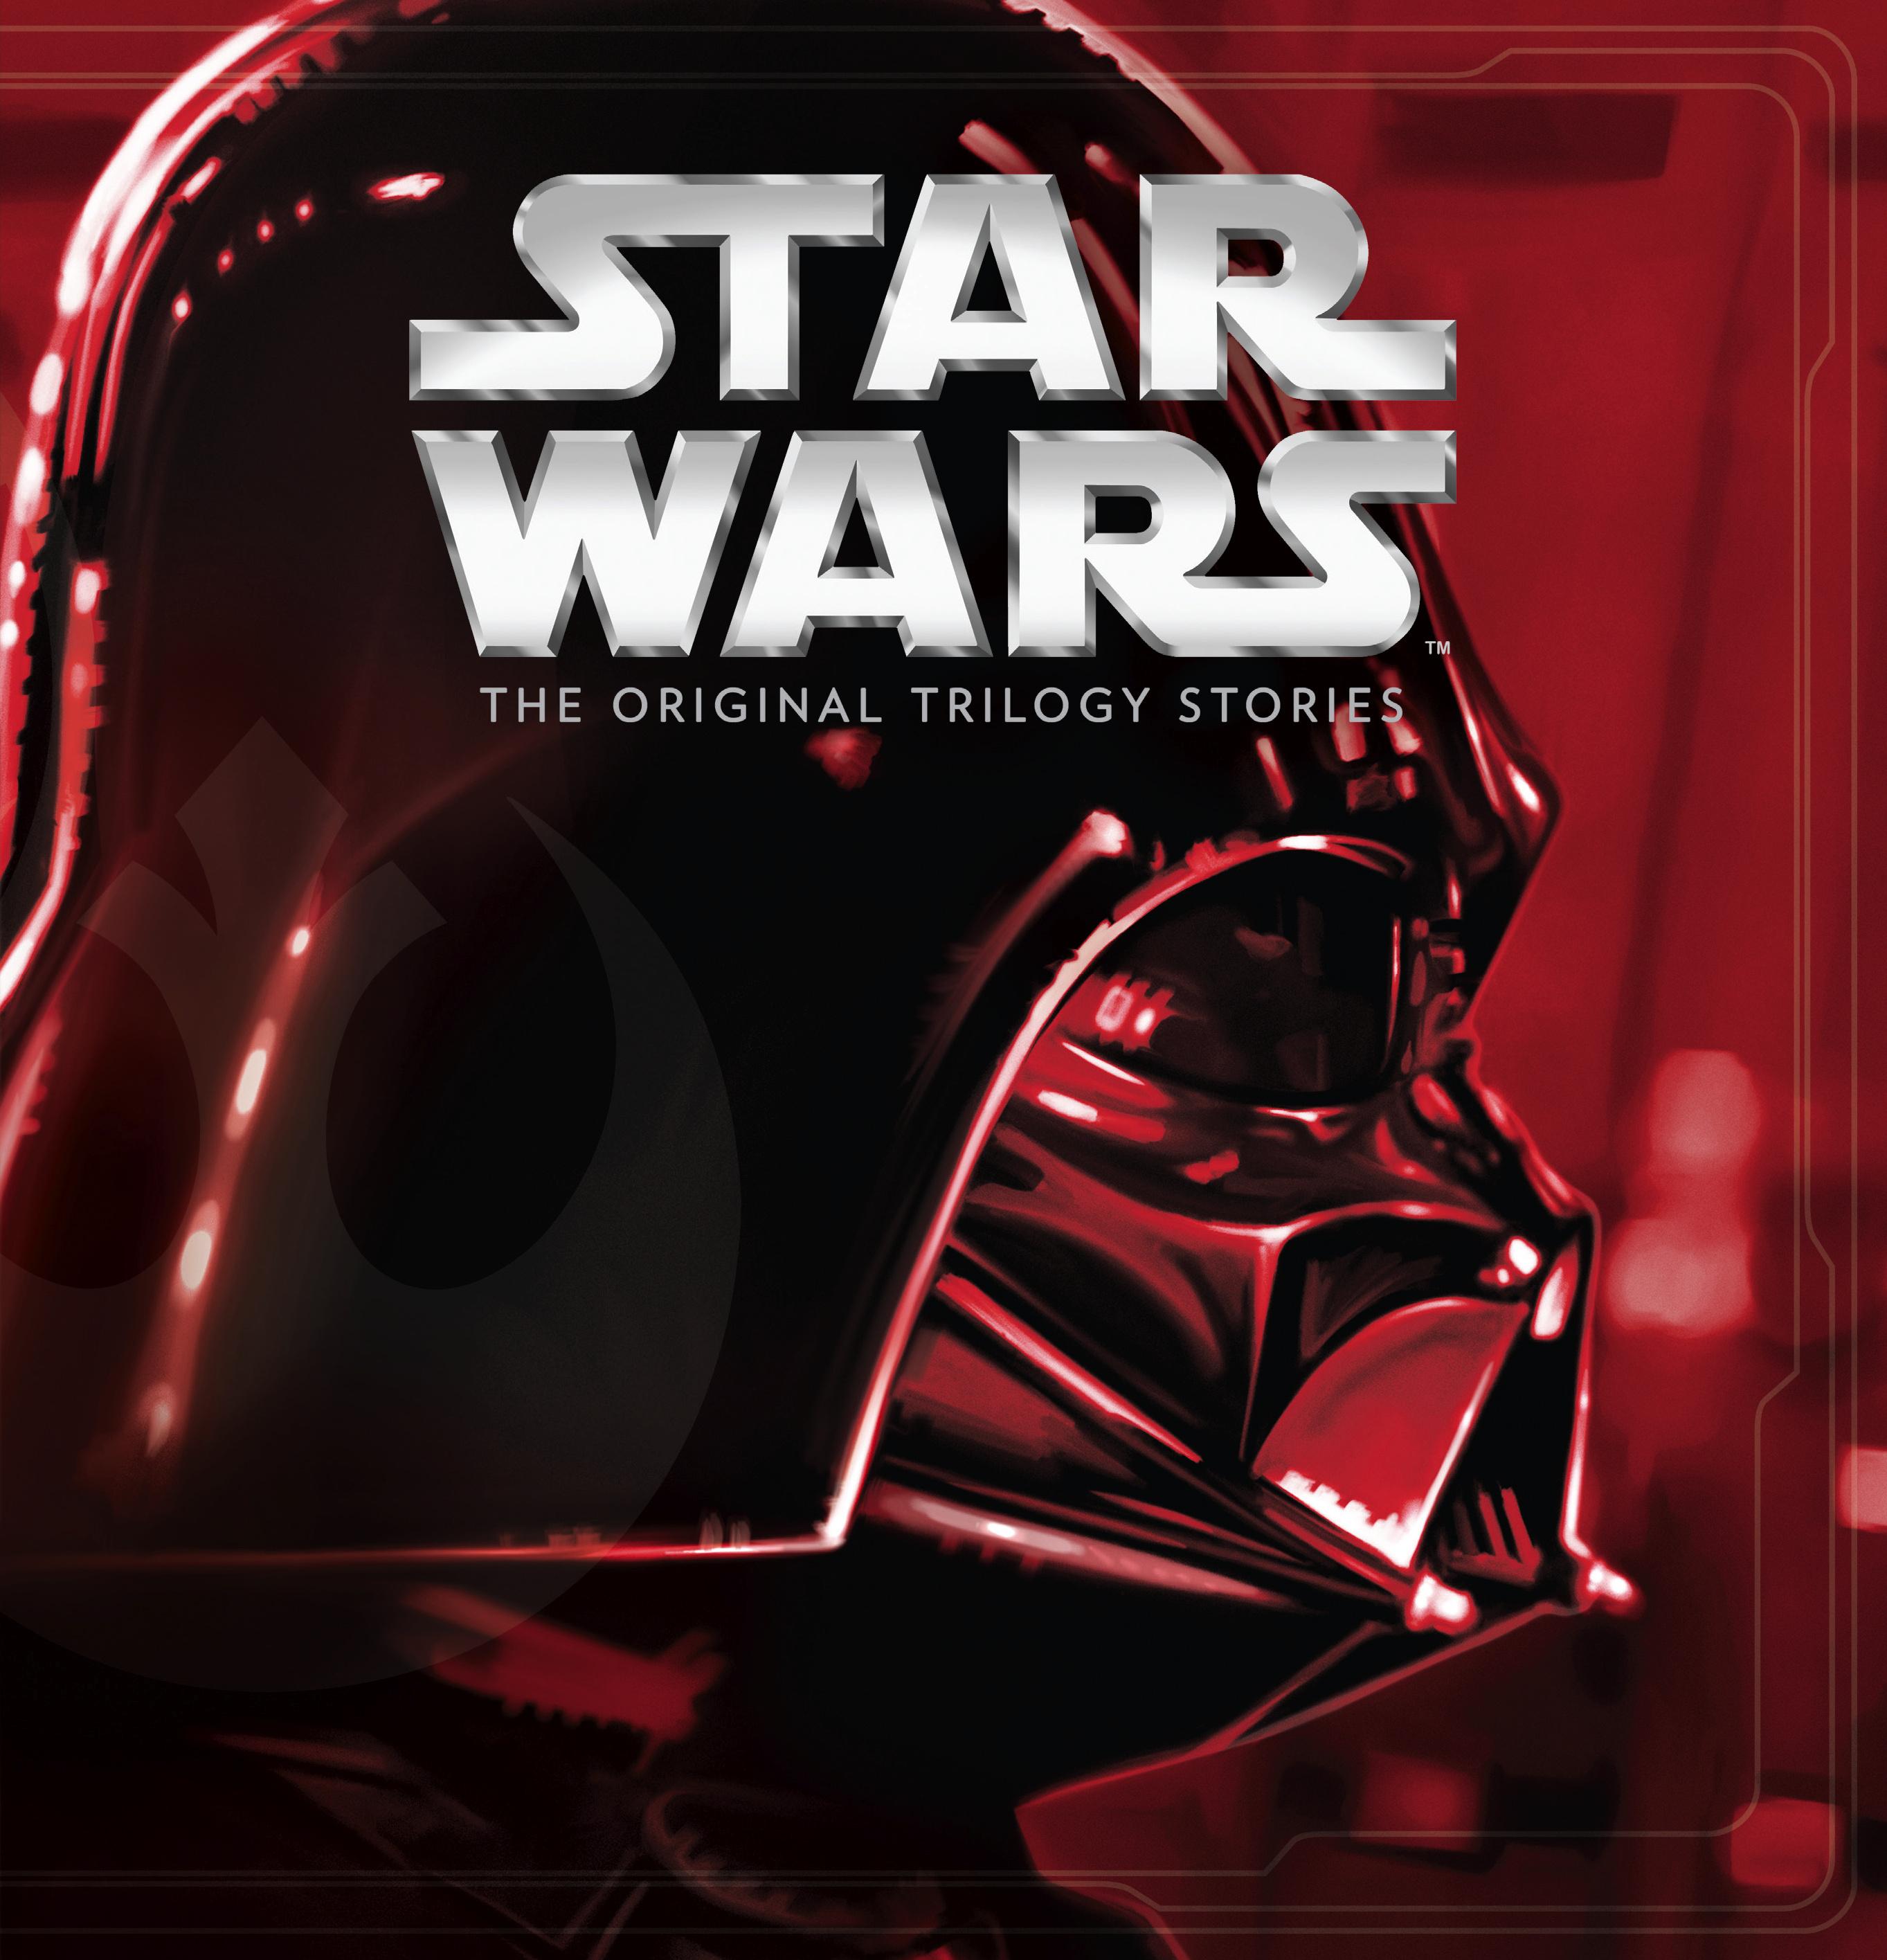 Звёздные войны: Истории Оригинальной трилогии